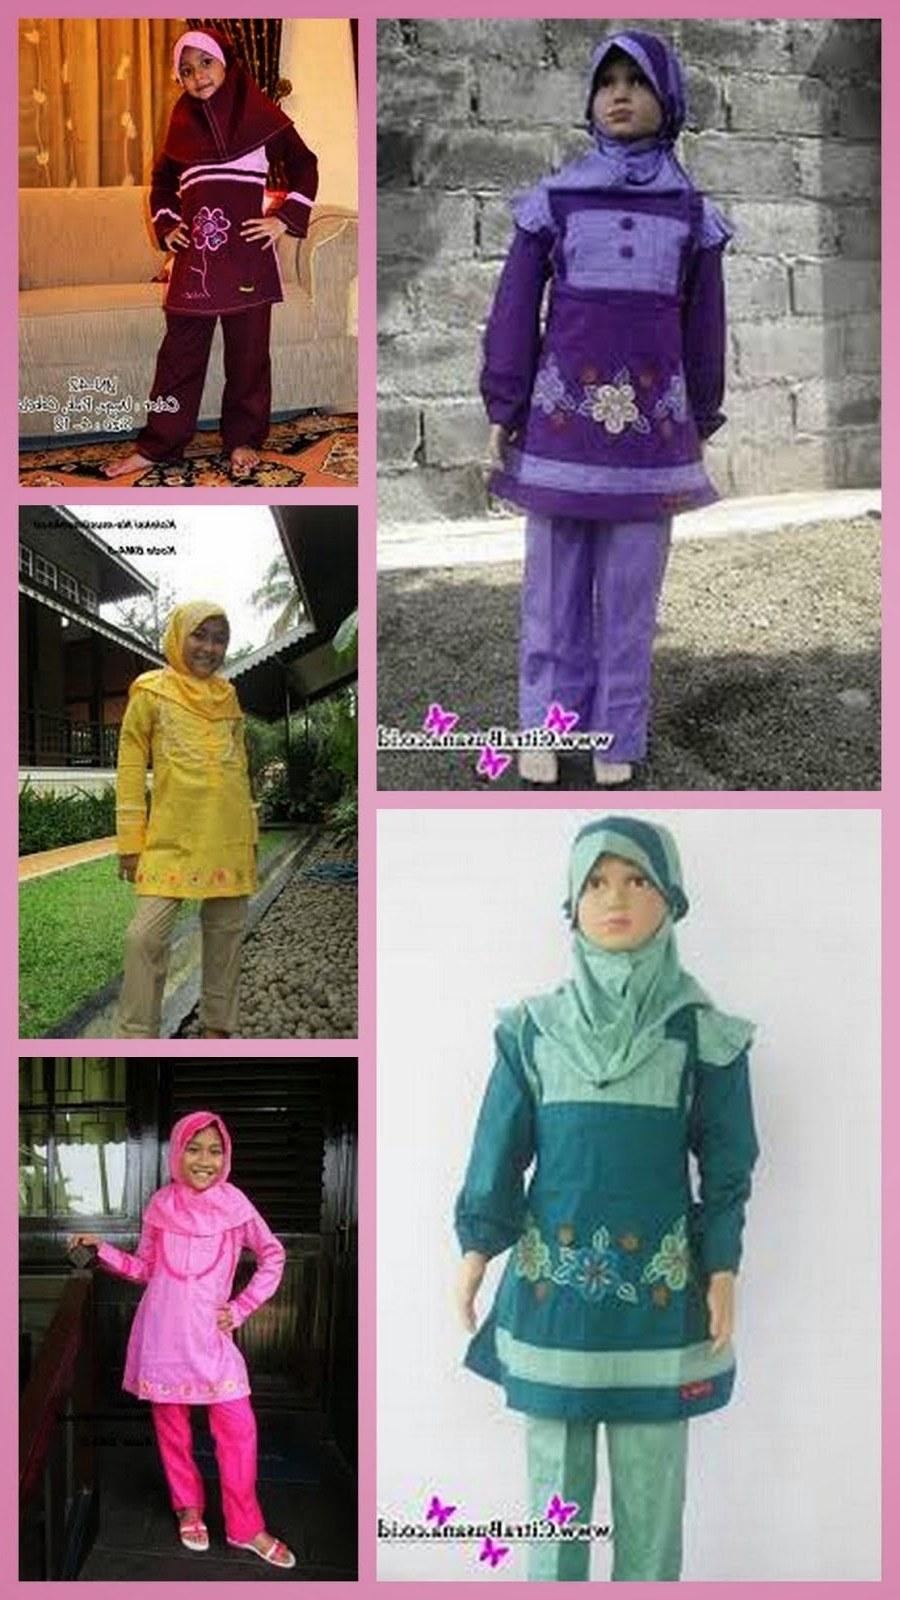 Design Baju Lebaran Anak Perempuan Umur 8 Tahun Etdg Baju Muslim Anak Wanita Usia 13 Tahun Untuk Lebaran